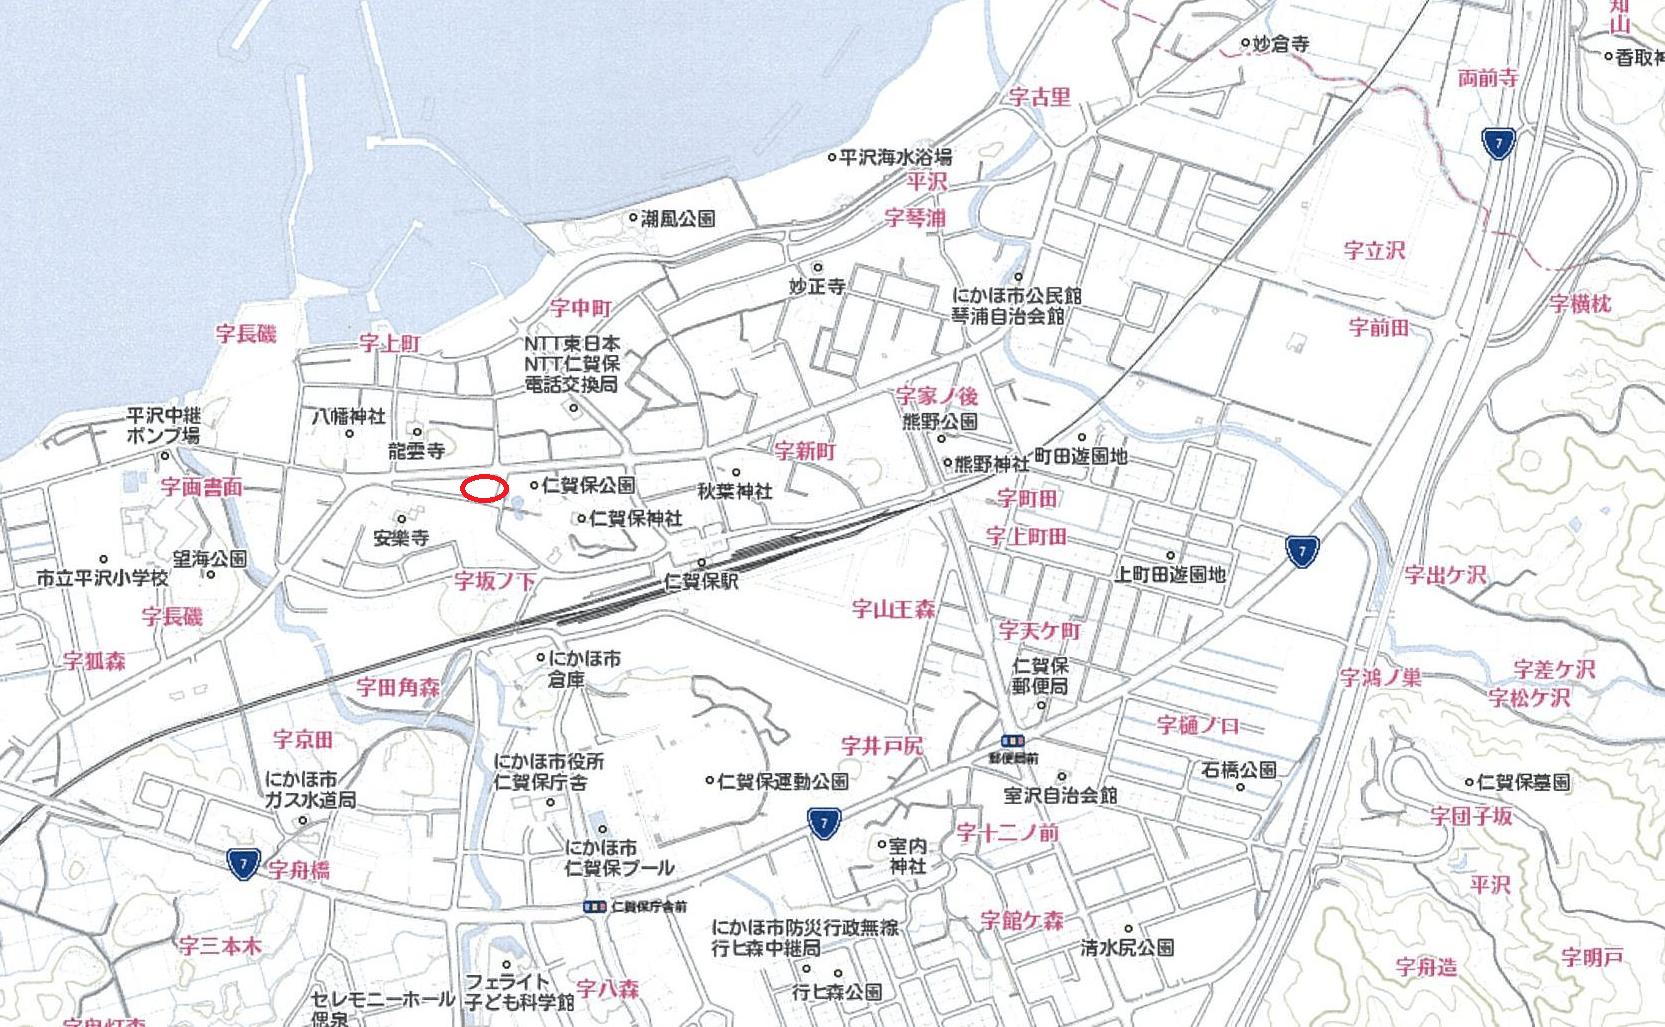 【秋田県・にかほ市平沢字上町】土地 宅地|No.N1028 現地案内図